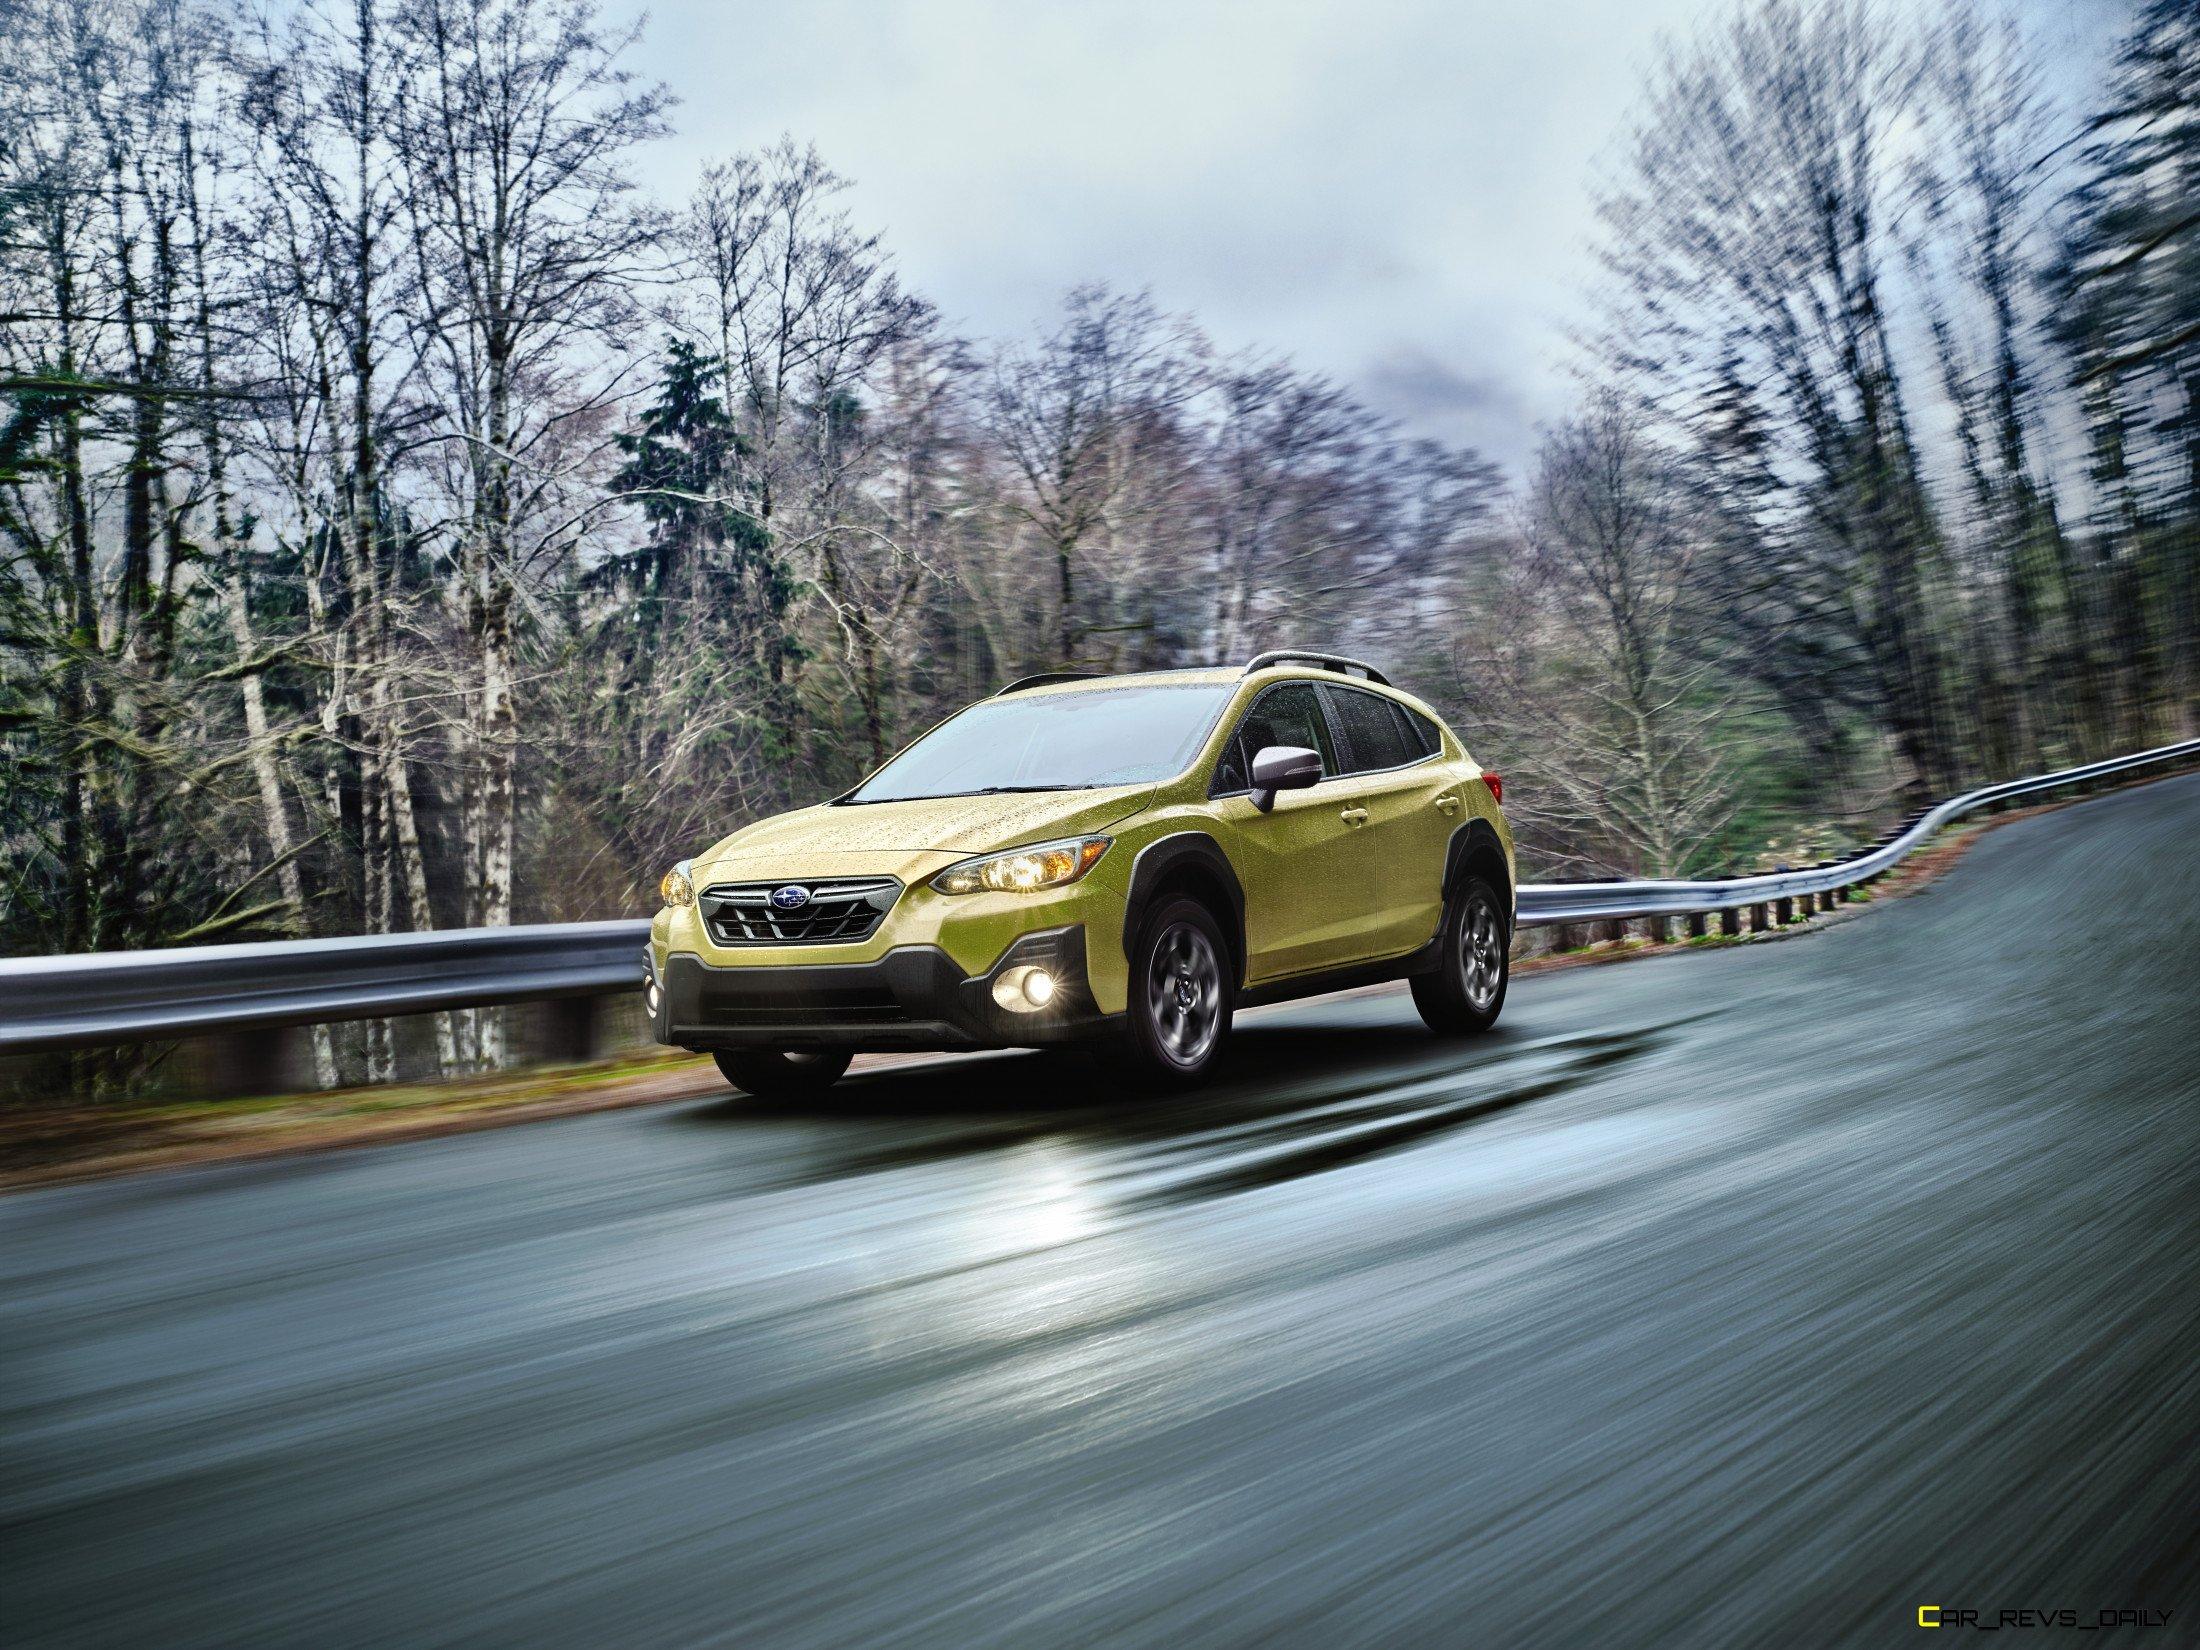 2021 Subaru Crosstrek Debuts, Sport Model Adds More Power ...